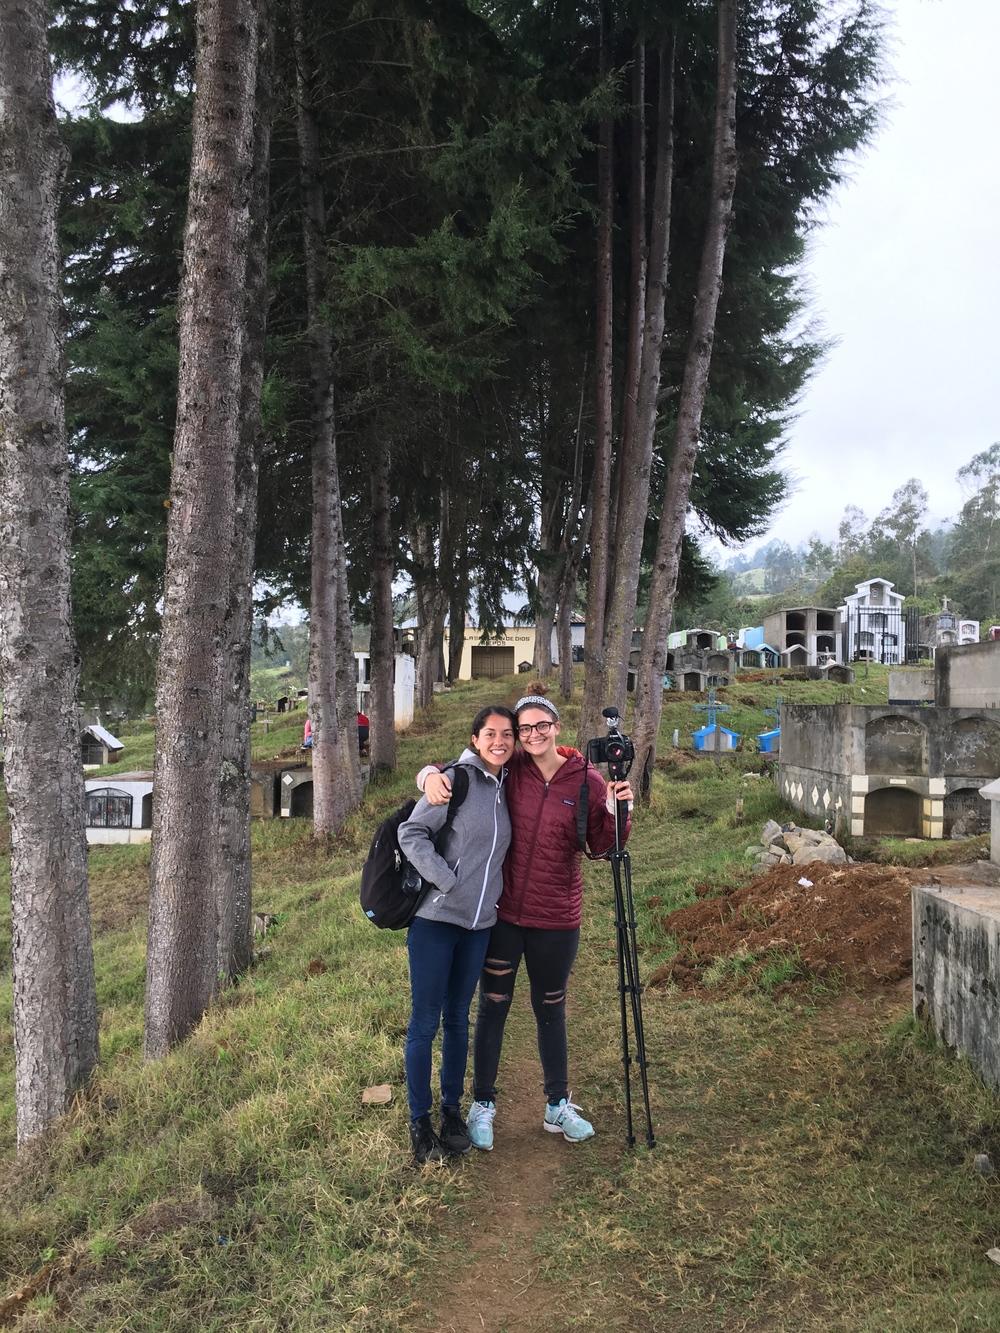 Lauren and Izzy filming at Dia de los Difuntos in Niepos, Peru.